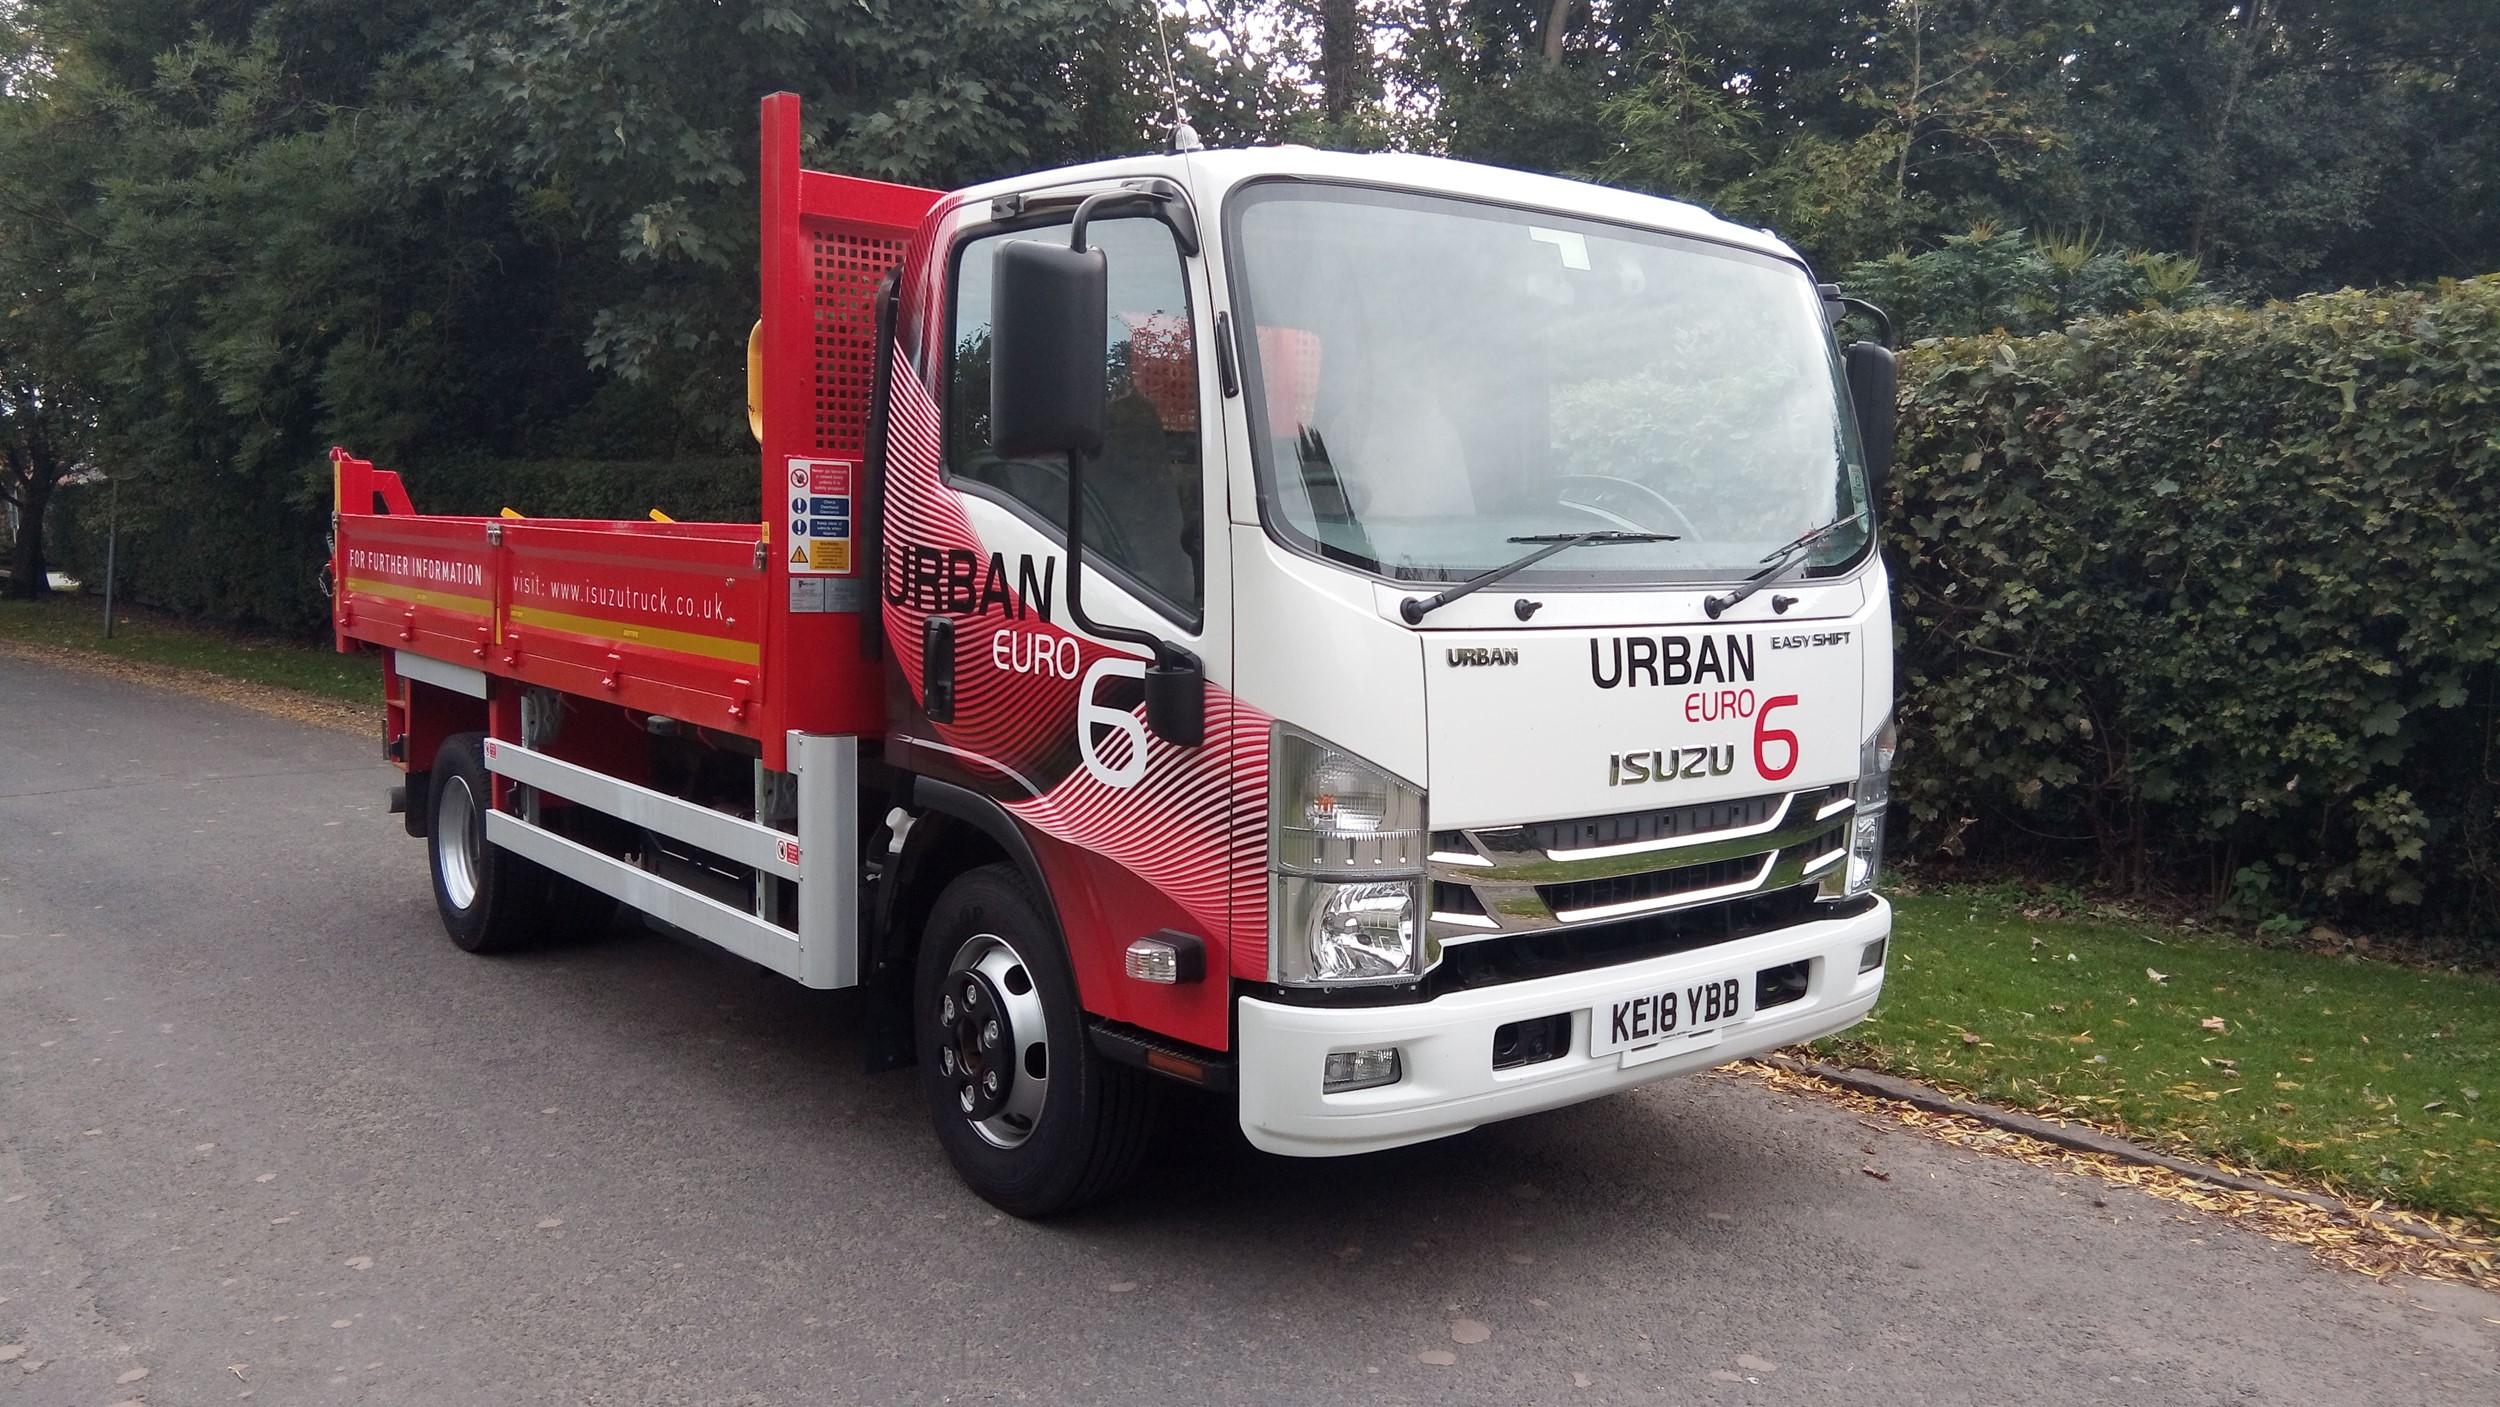 Isuzu maximises payload with Urban Tipper, truck test | Trucks